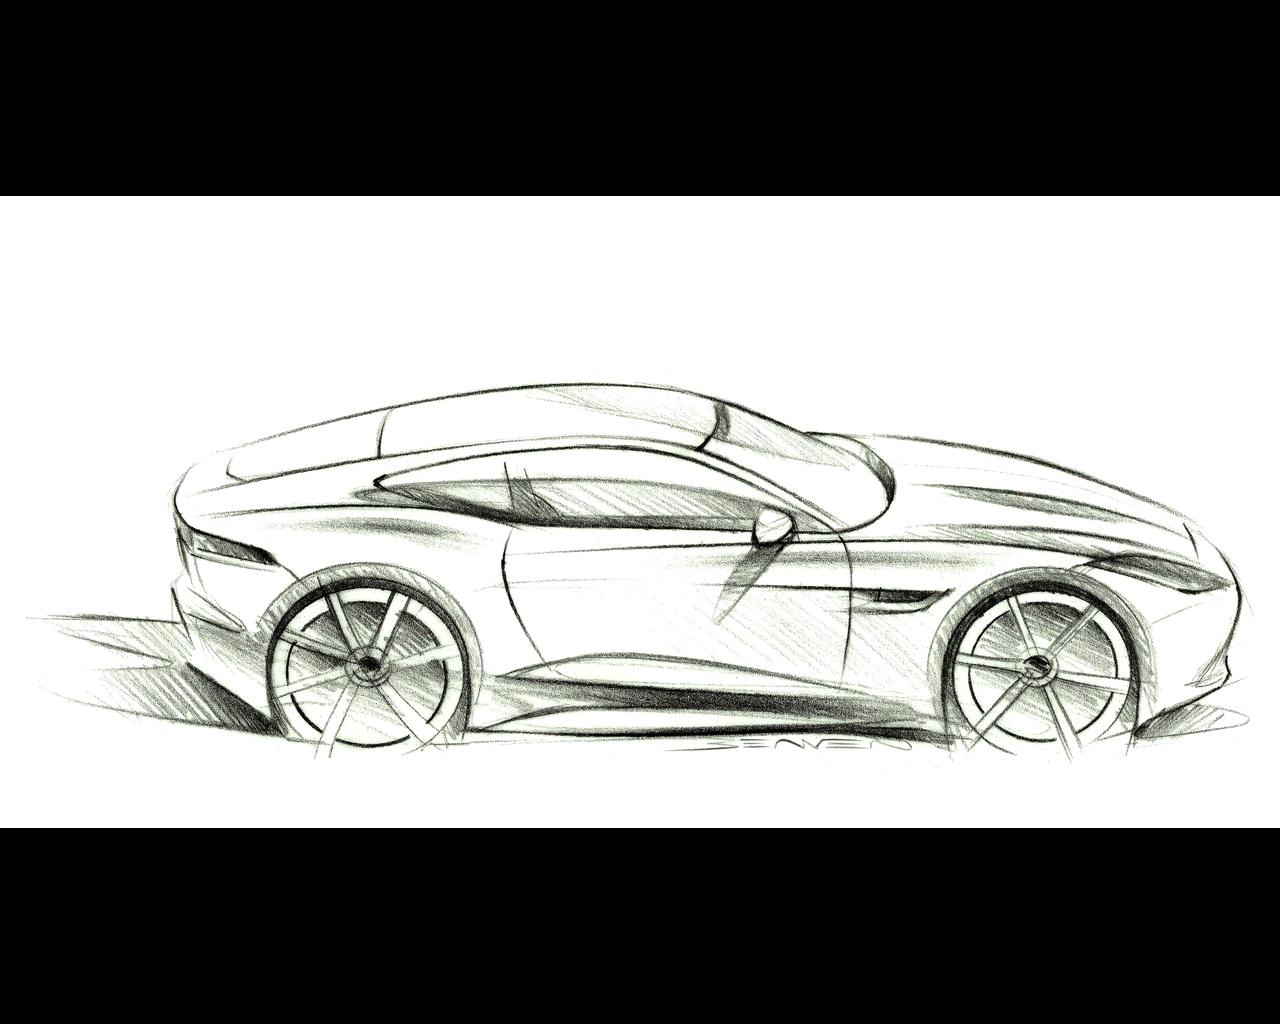 Jaguar f type coup 2014 - Dessin voiture profil ...